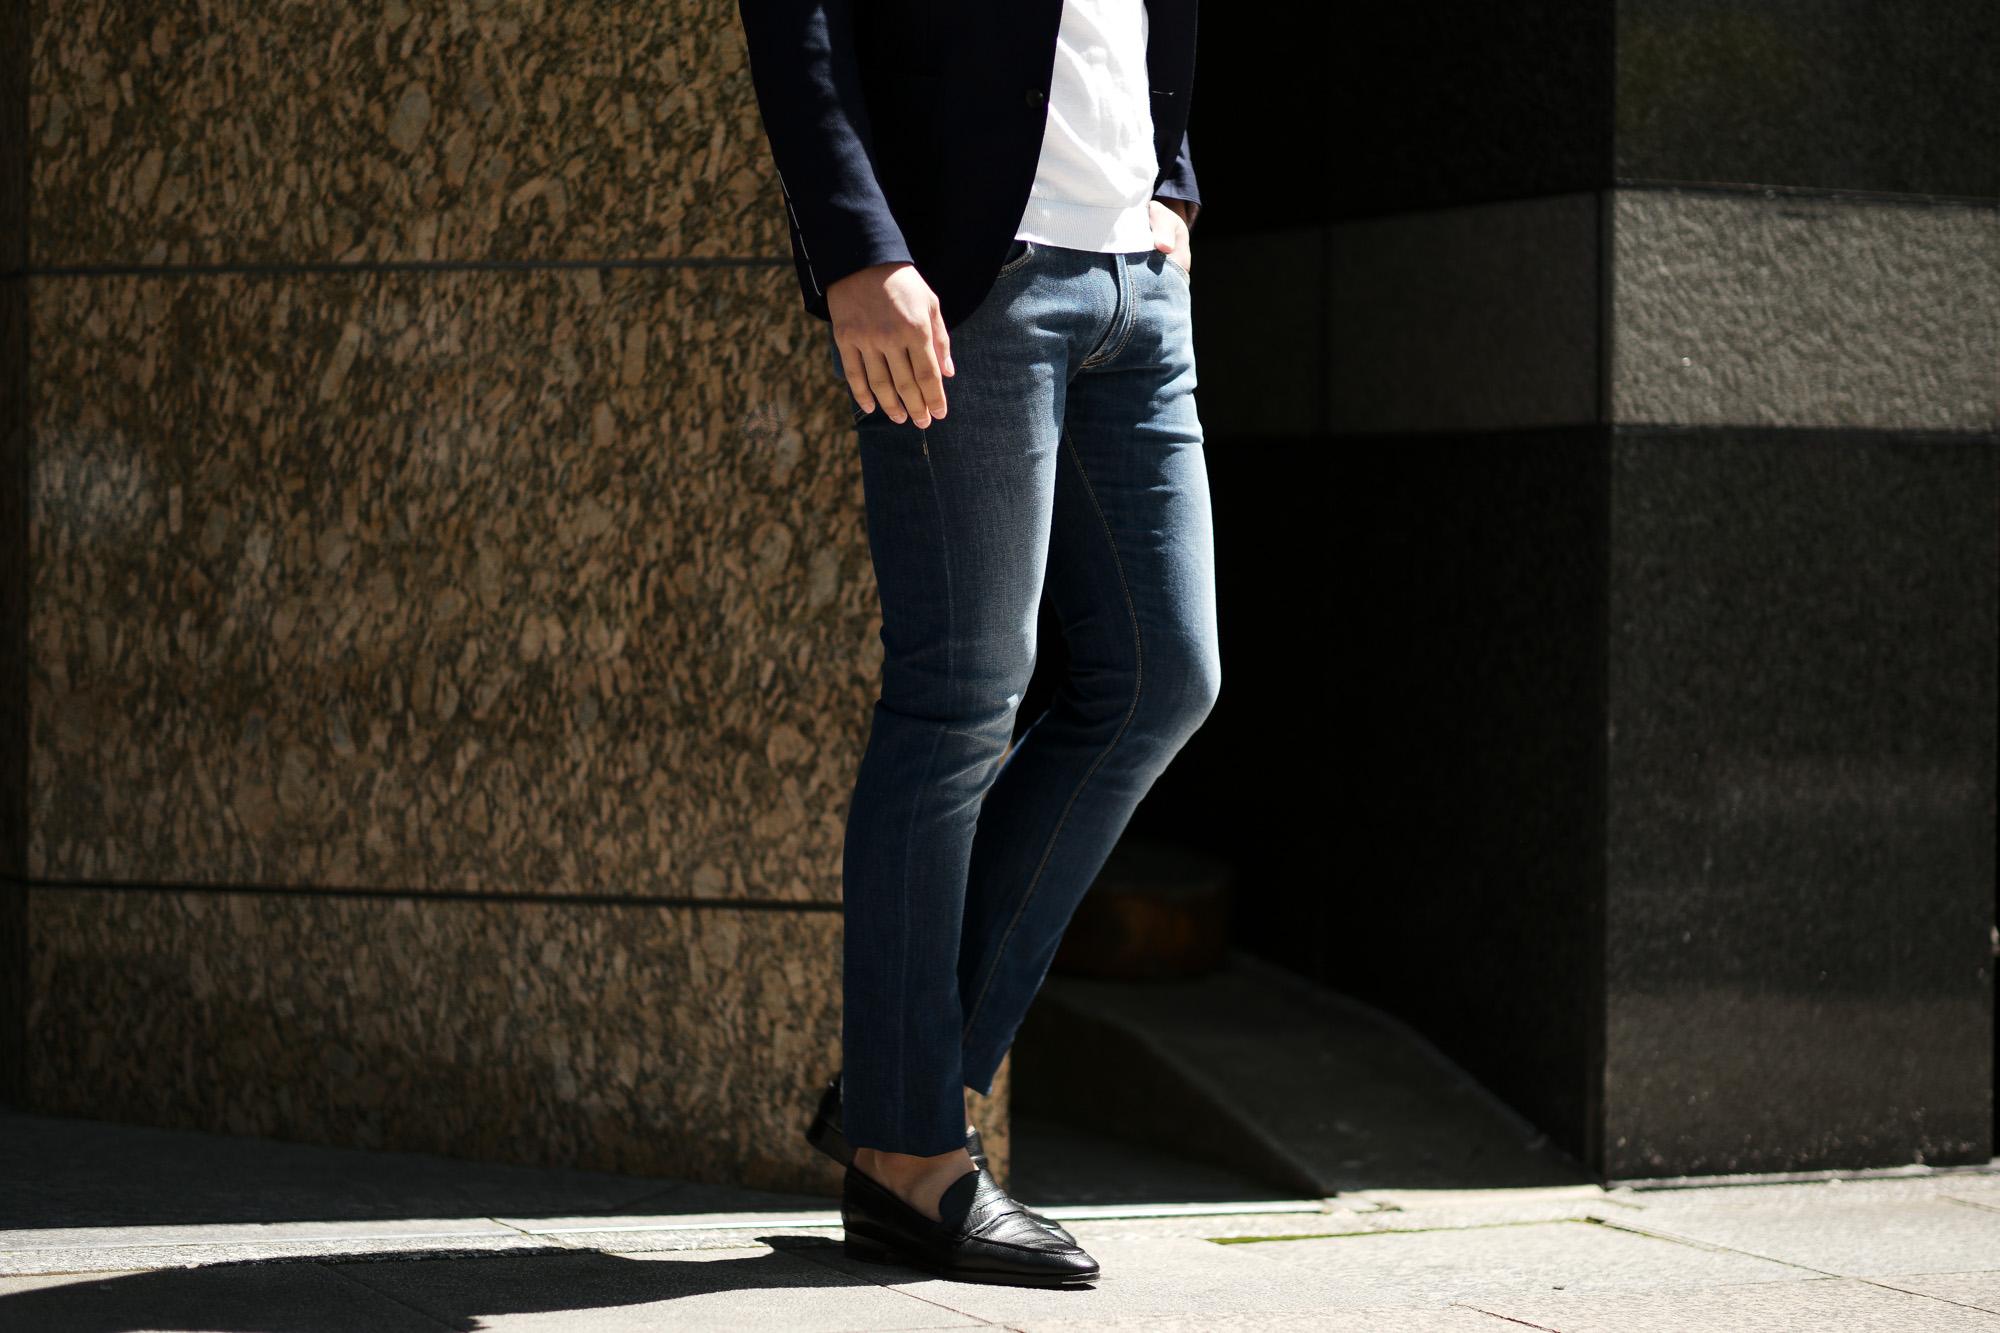 MOORER (ムーレー) CREDI-PS705 (クレディ) Japanese Fabric Comfort Denim (コンフォートデニム) ストレッチ ジーンズ デニムパンツ WASHING 4016 (ブルー) Made in italy (イタリア製) 2019 春夏新作 愛知 名古屋 altoediritto アルトエデリット